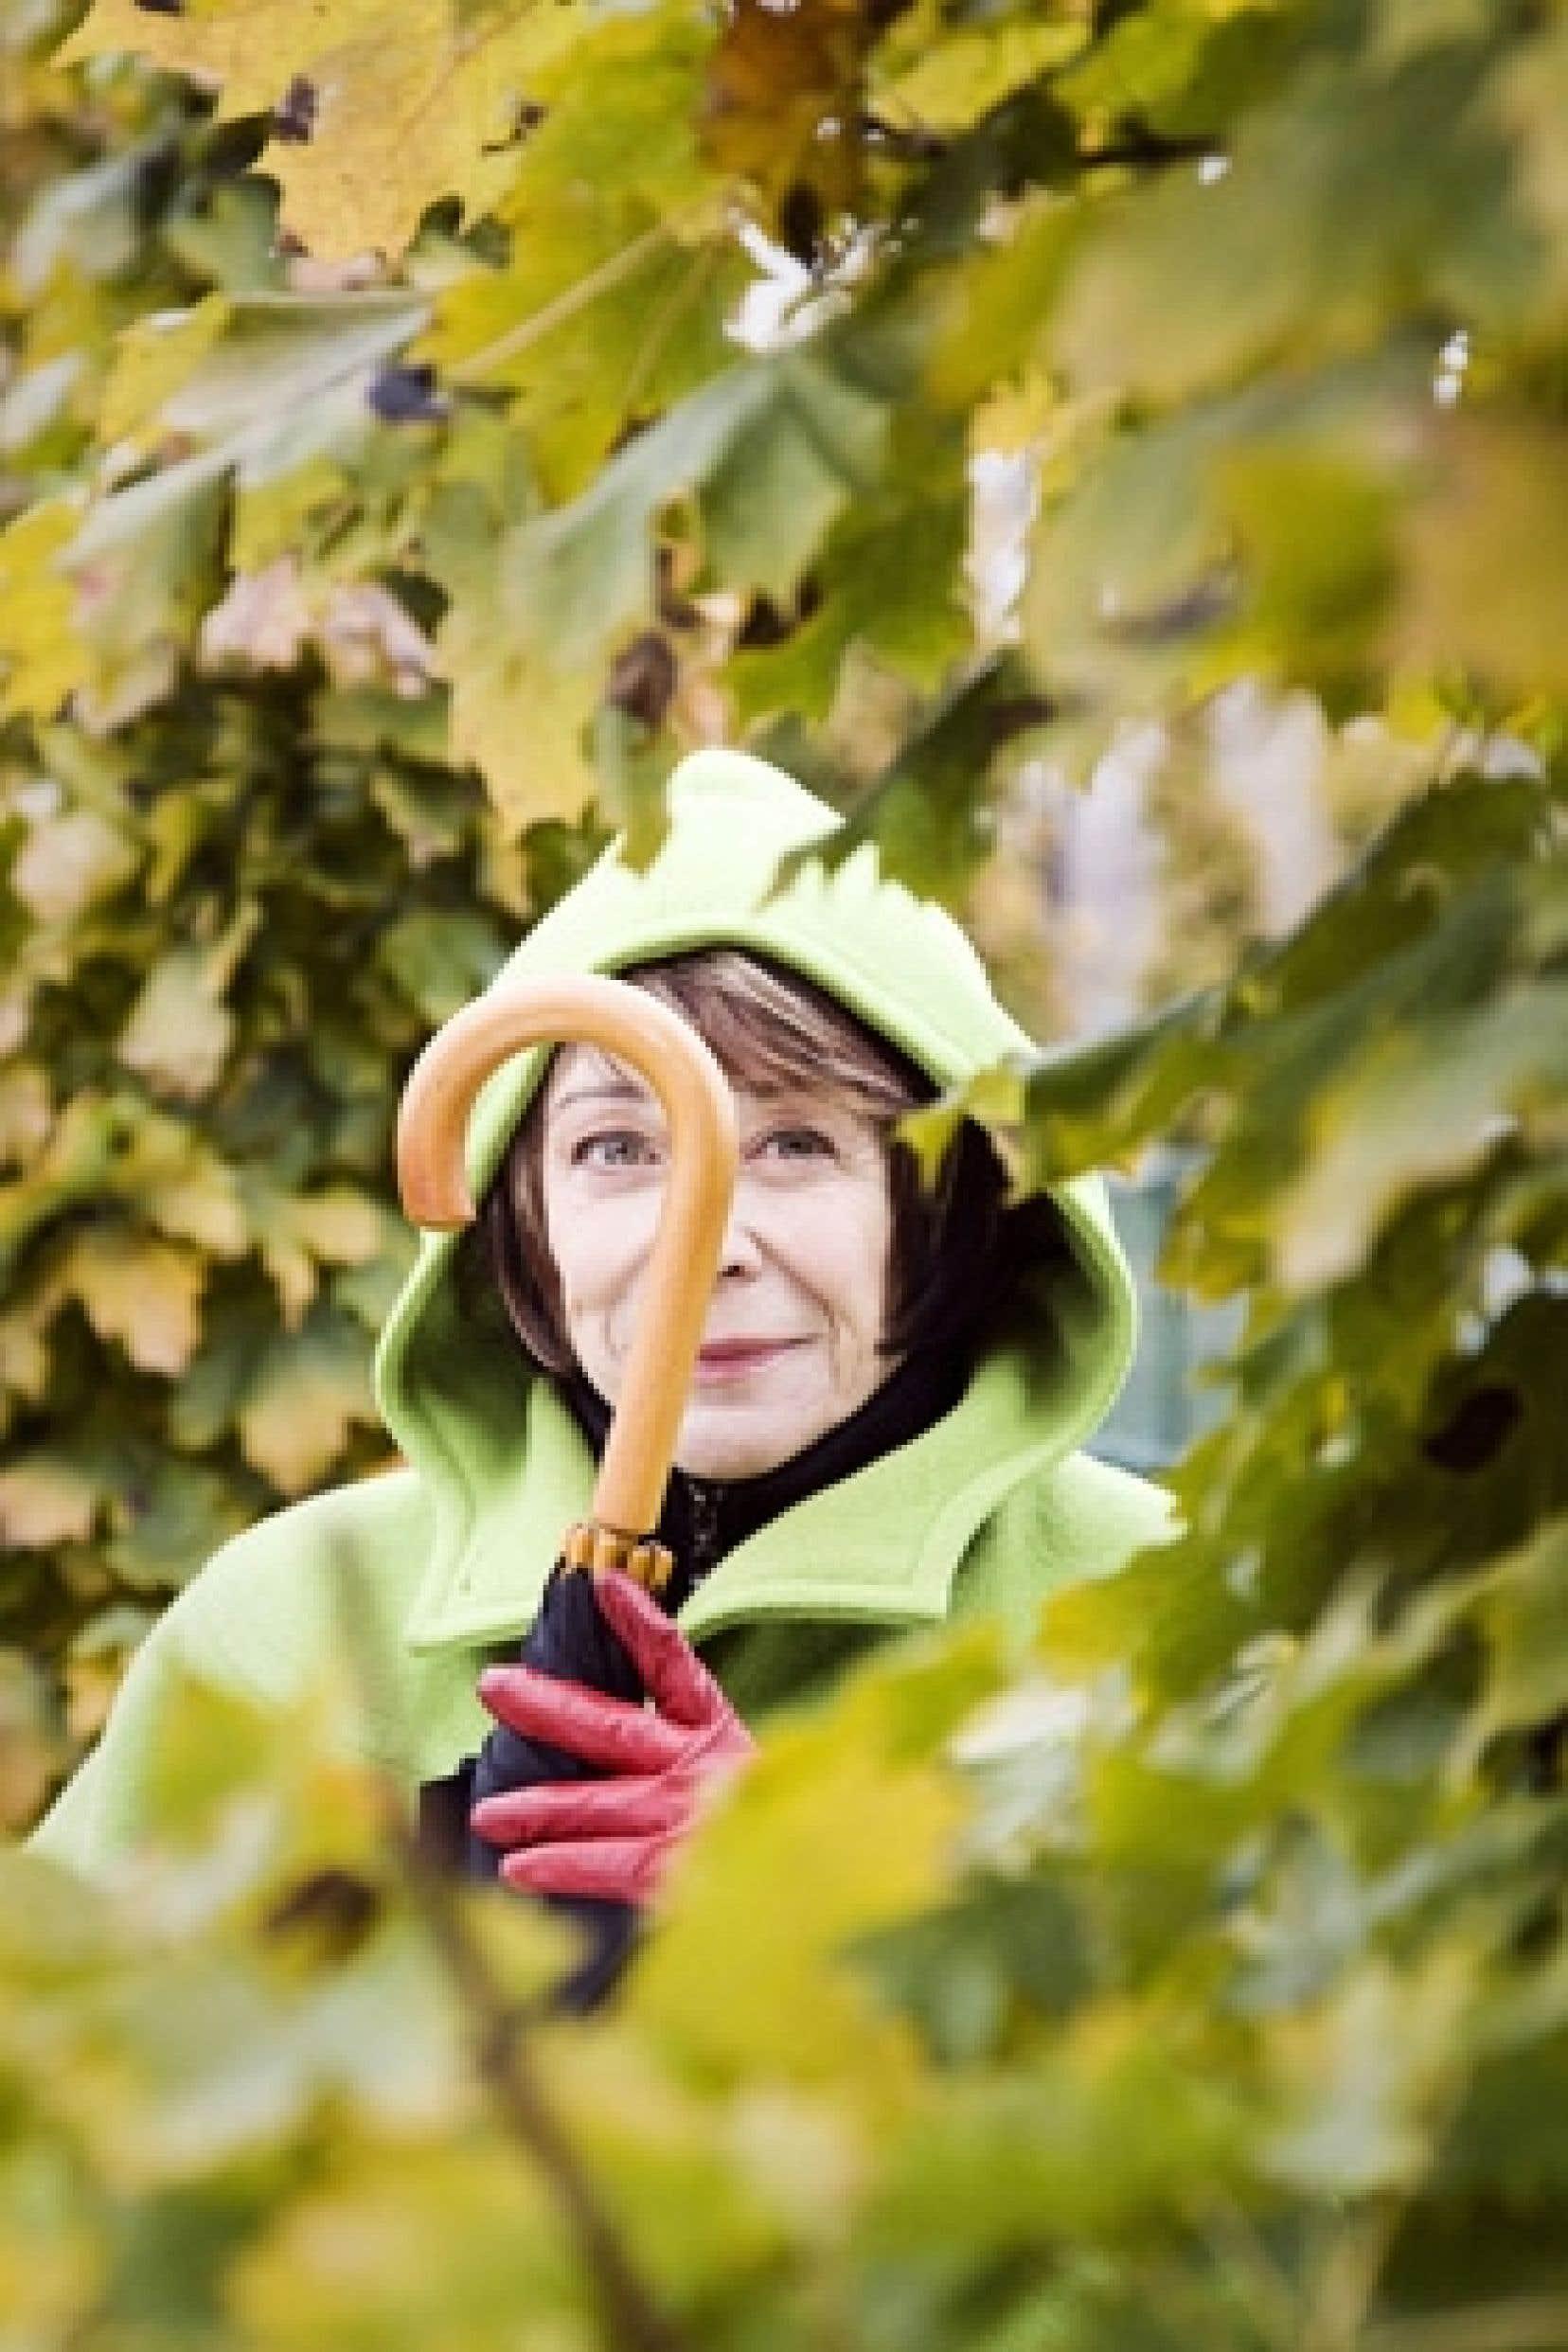 Louise Forestier est dotée d'une incroyable faculté de rebondissement.